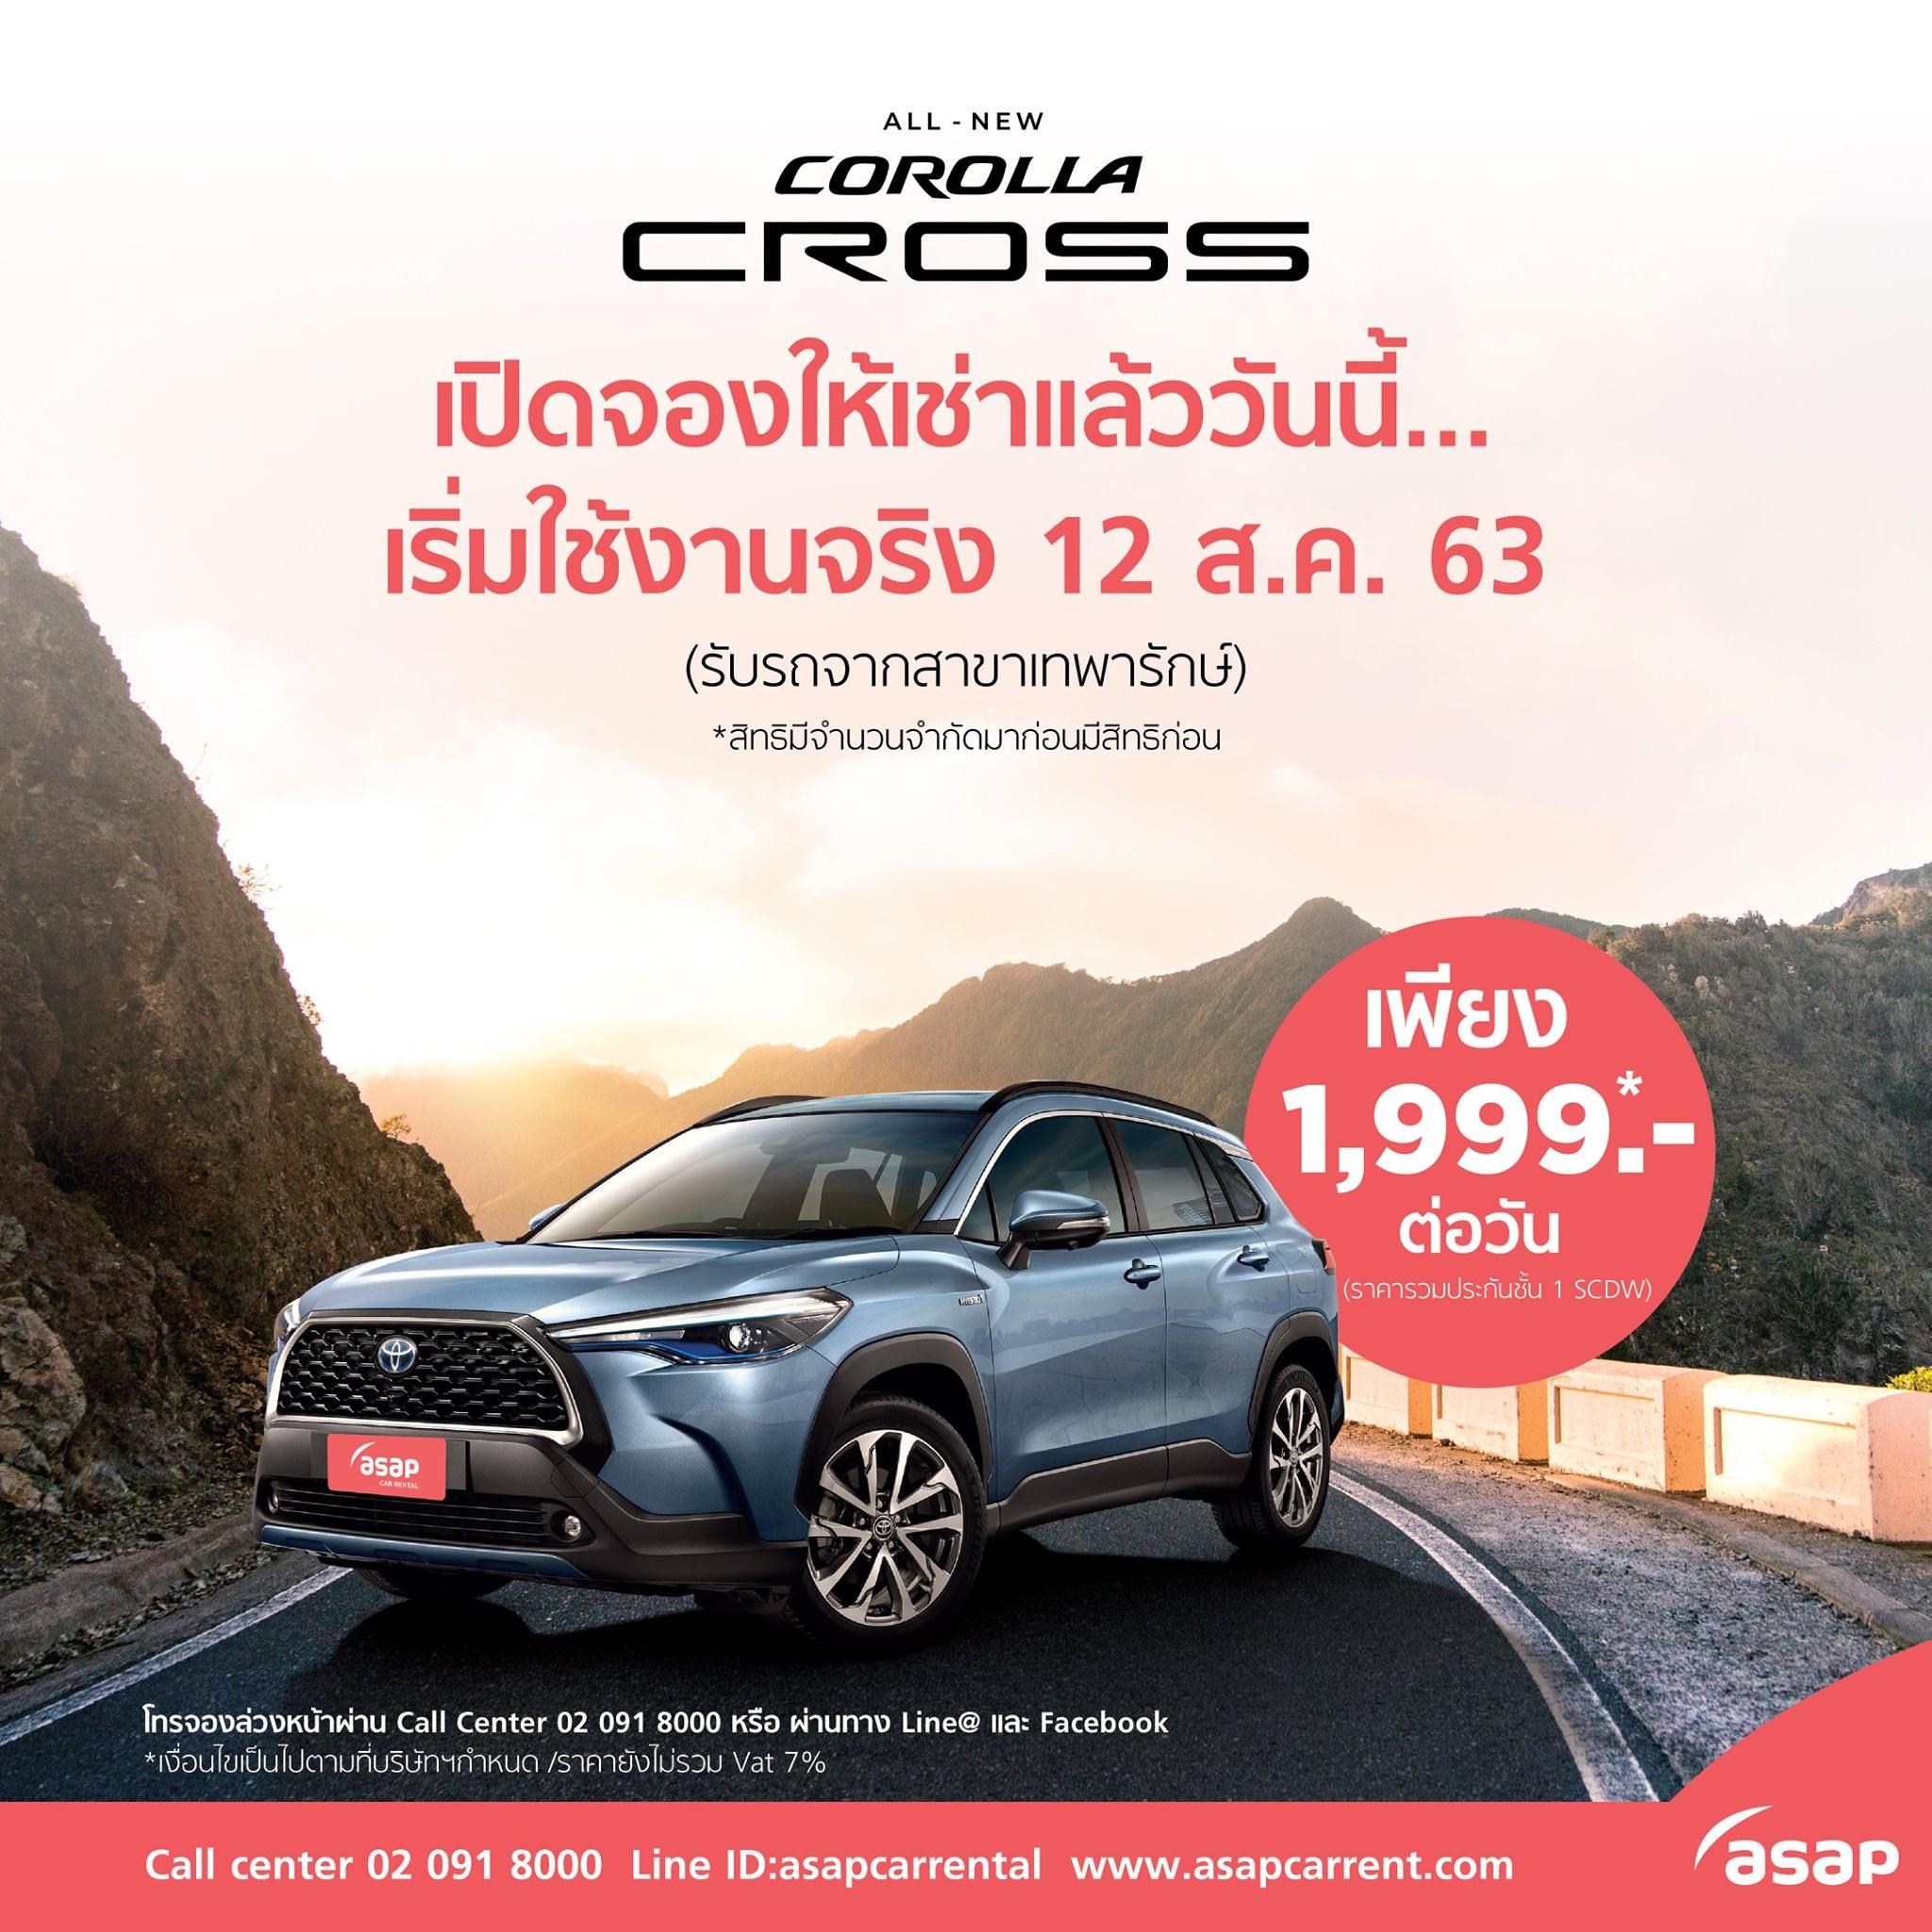 Gossip News: ASAP เปิดจองเช่ารถรุ่นใหม่ TOYOTA Corolla Cross ให้ลูกค้าใช้บริการก่อนใครในราคาเพียง 1,999 บาท